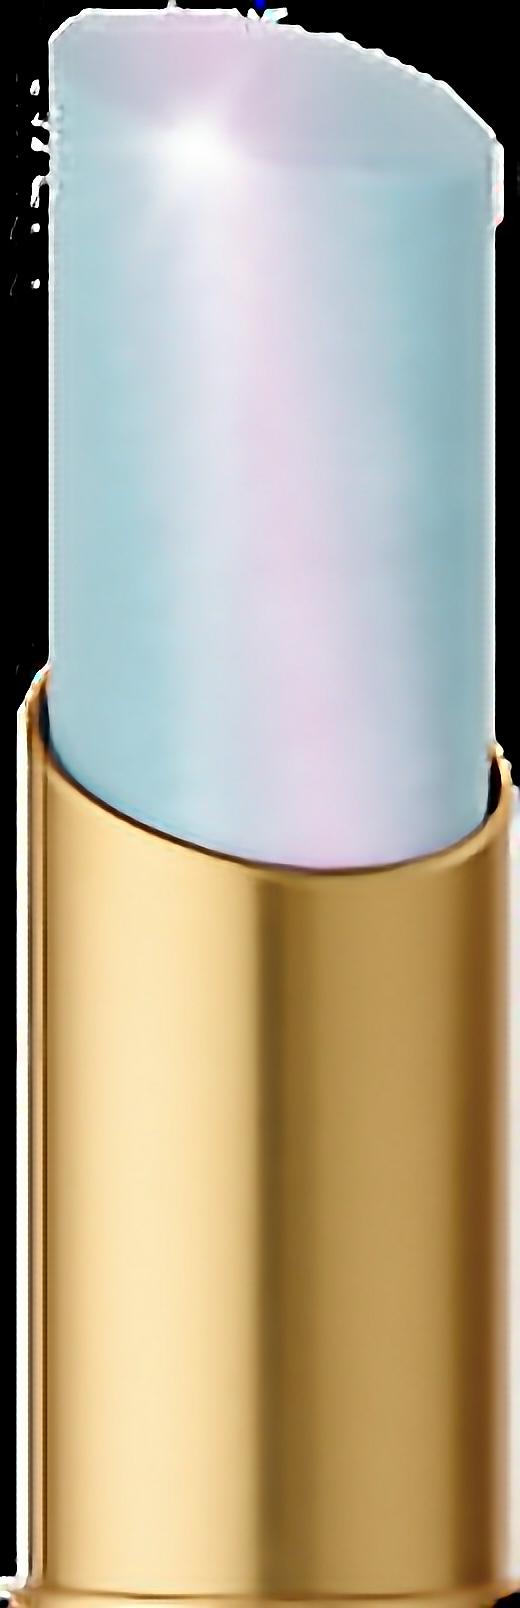 #freetoedit #lipstick #unicorntears